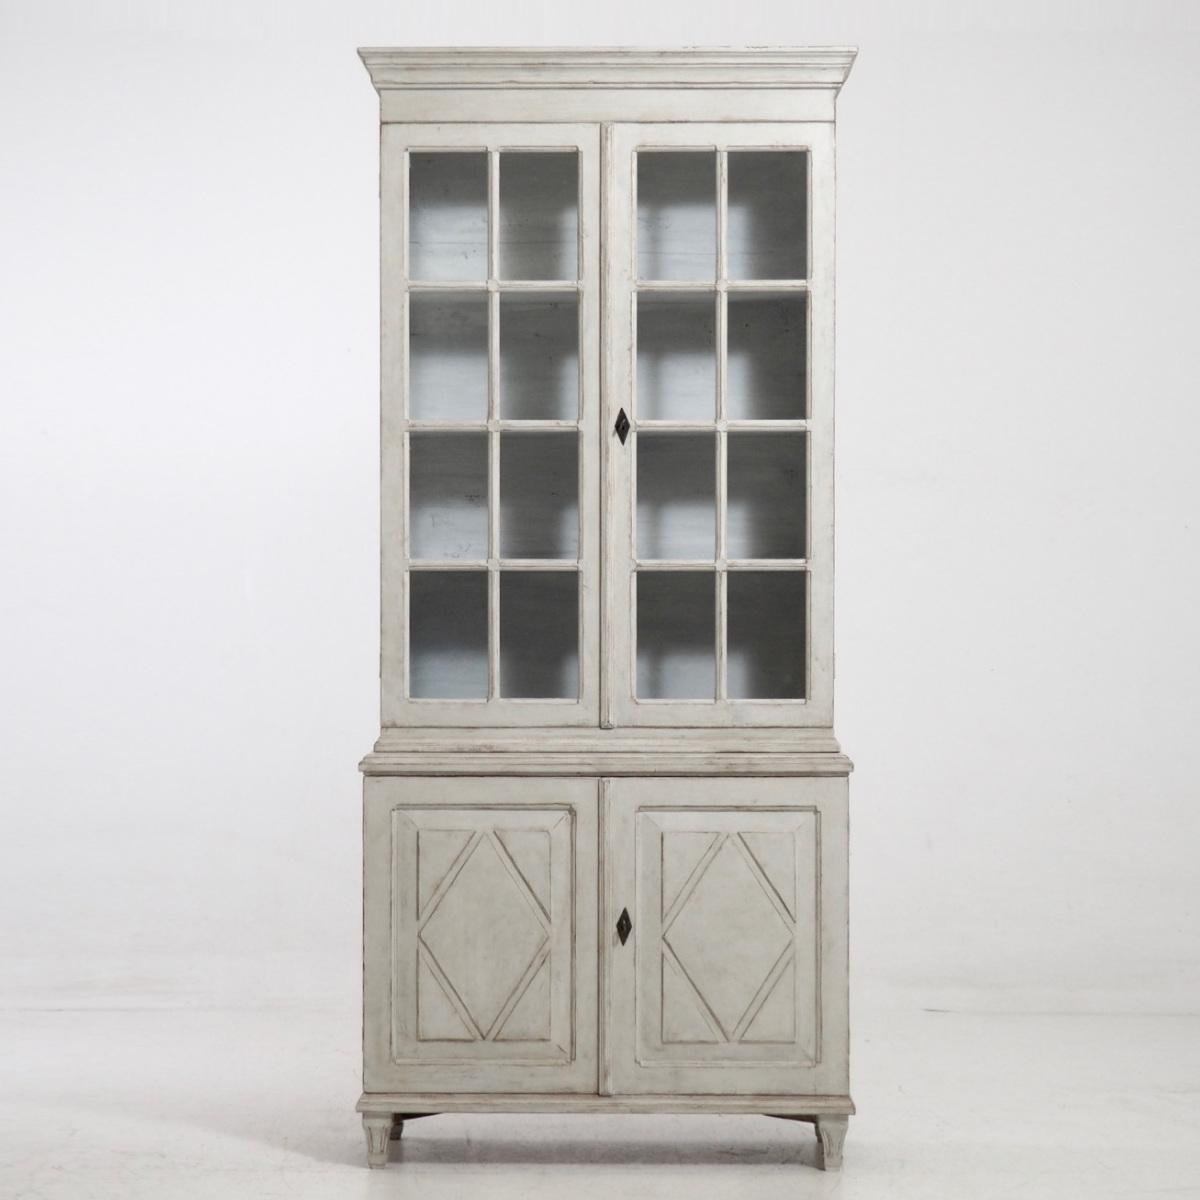 Bookcase0_srcset-large.jpg